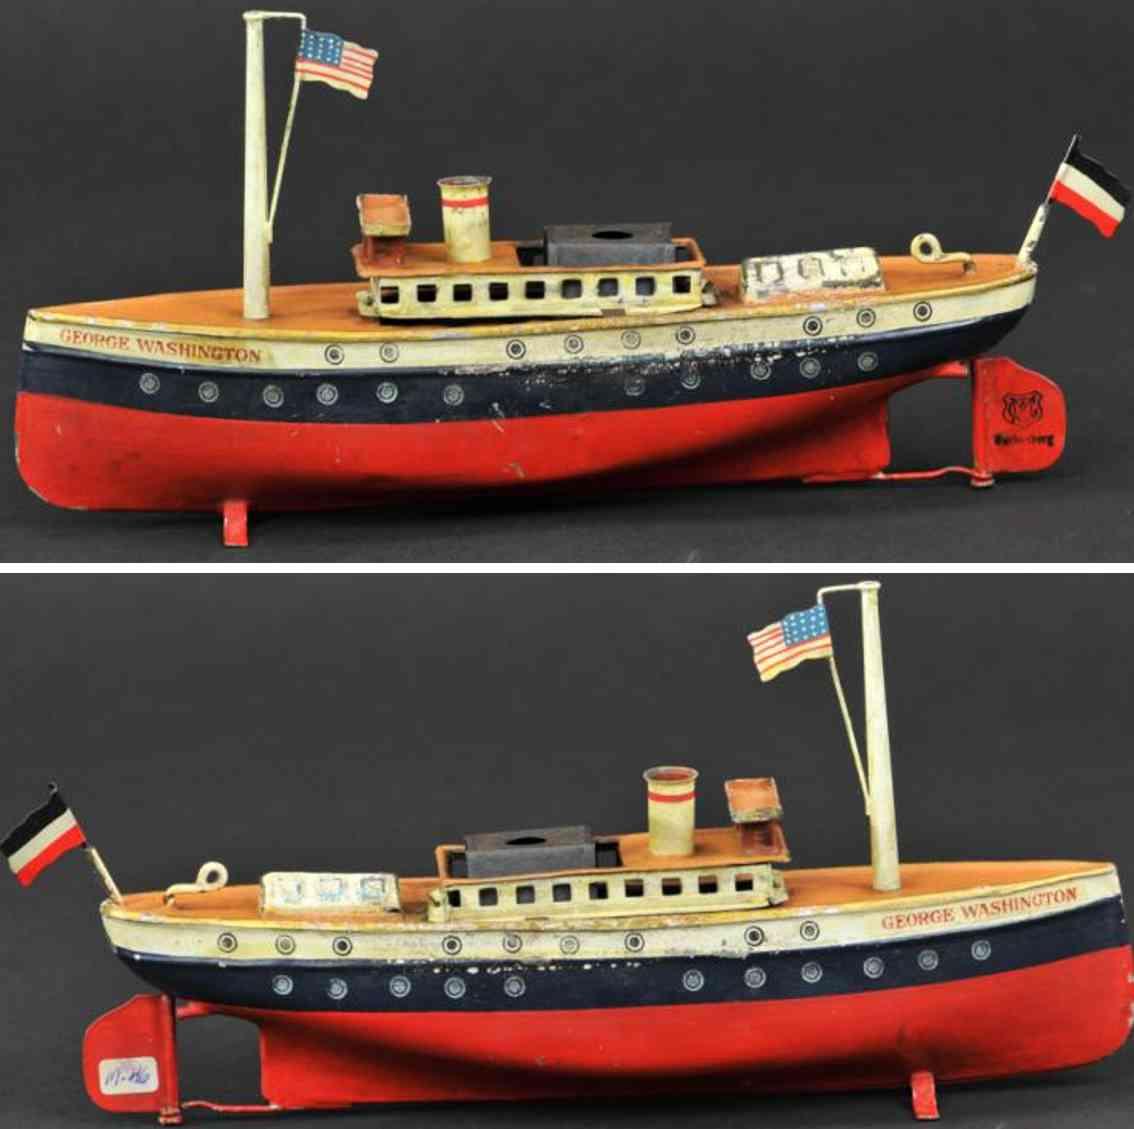 maerklin 5026 blech spielzeug schiff ozeandampfer george washington